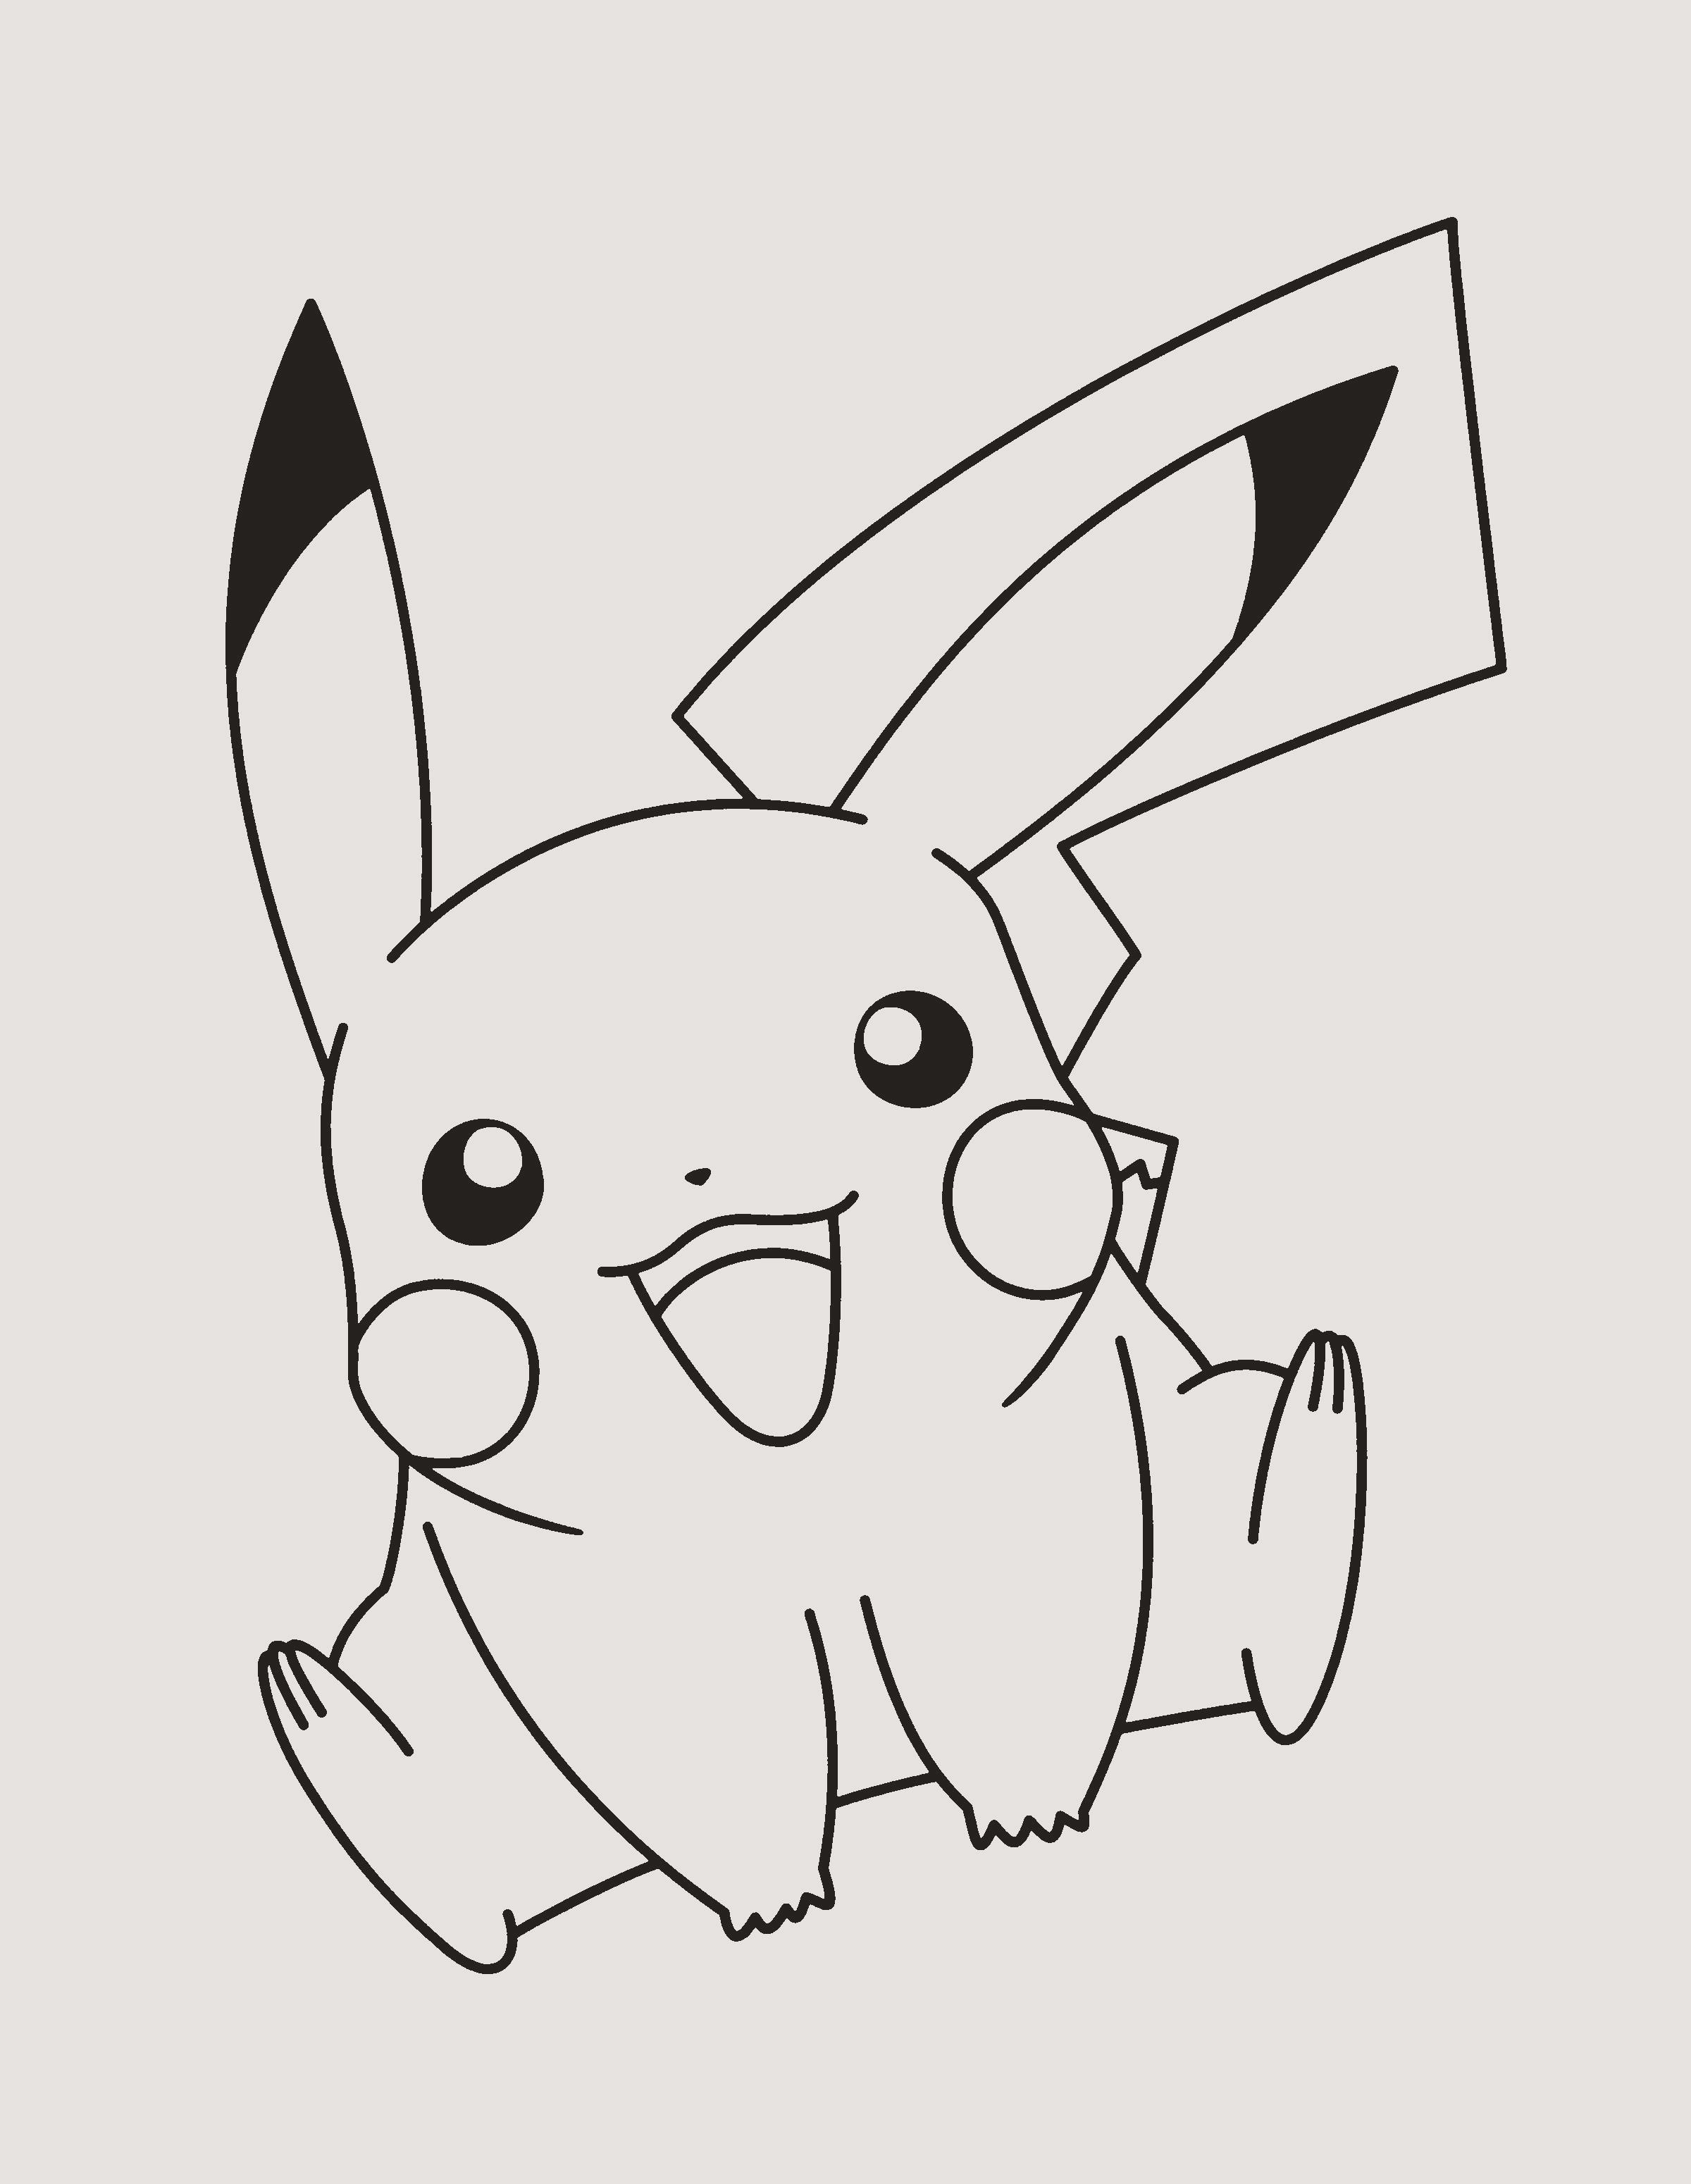 51 inspirierend ausmalbilder von pokemon zum ausdrucken